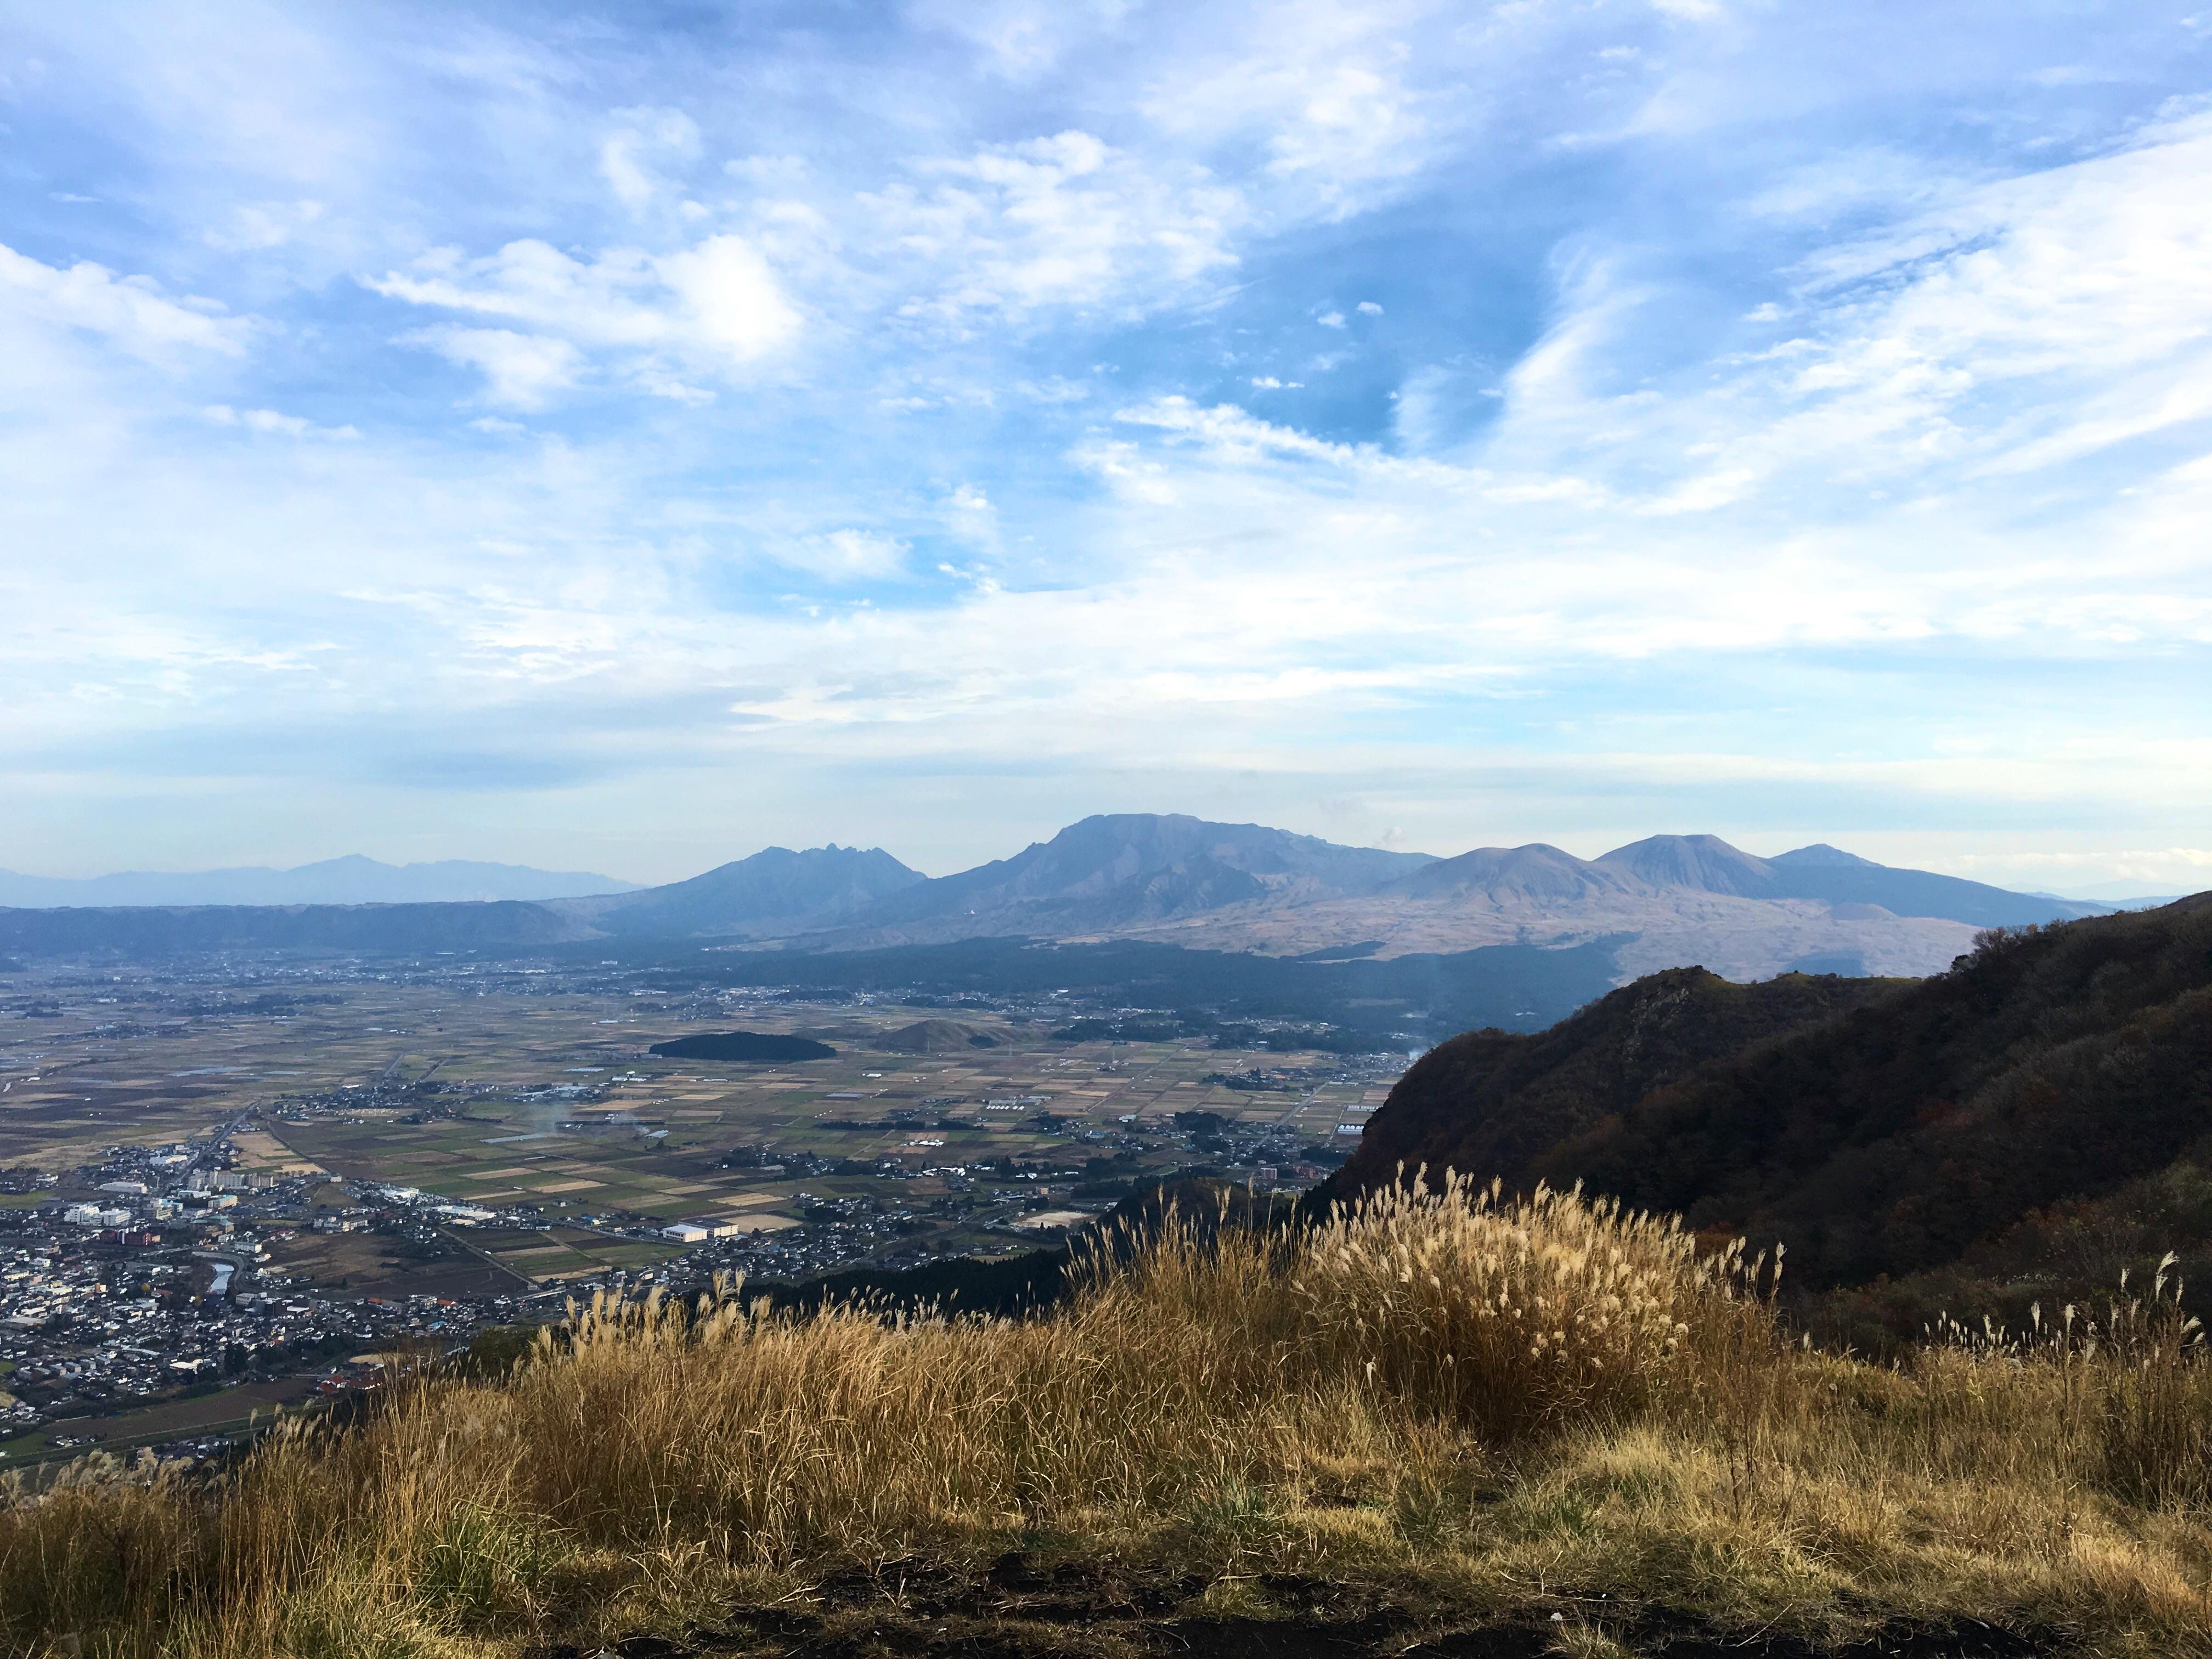 熊本地震後に開放された、かぶと岩展望所に行ってみた!